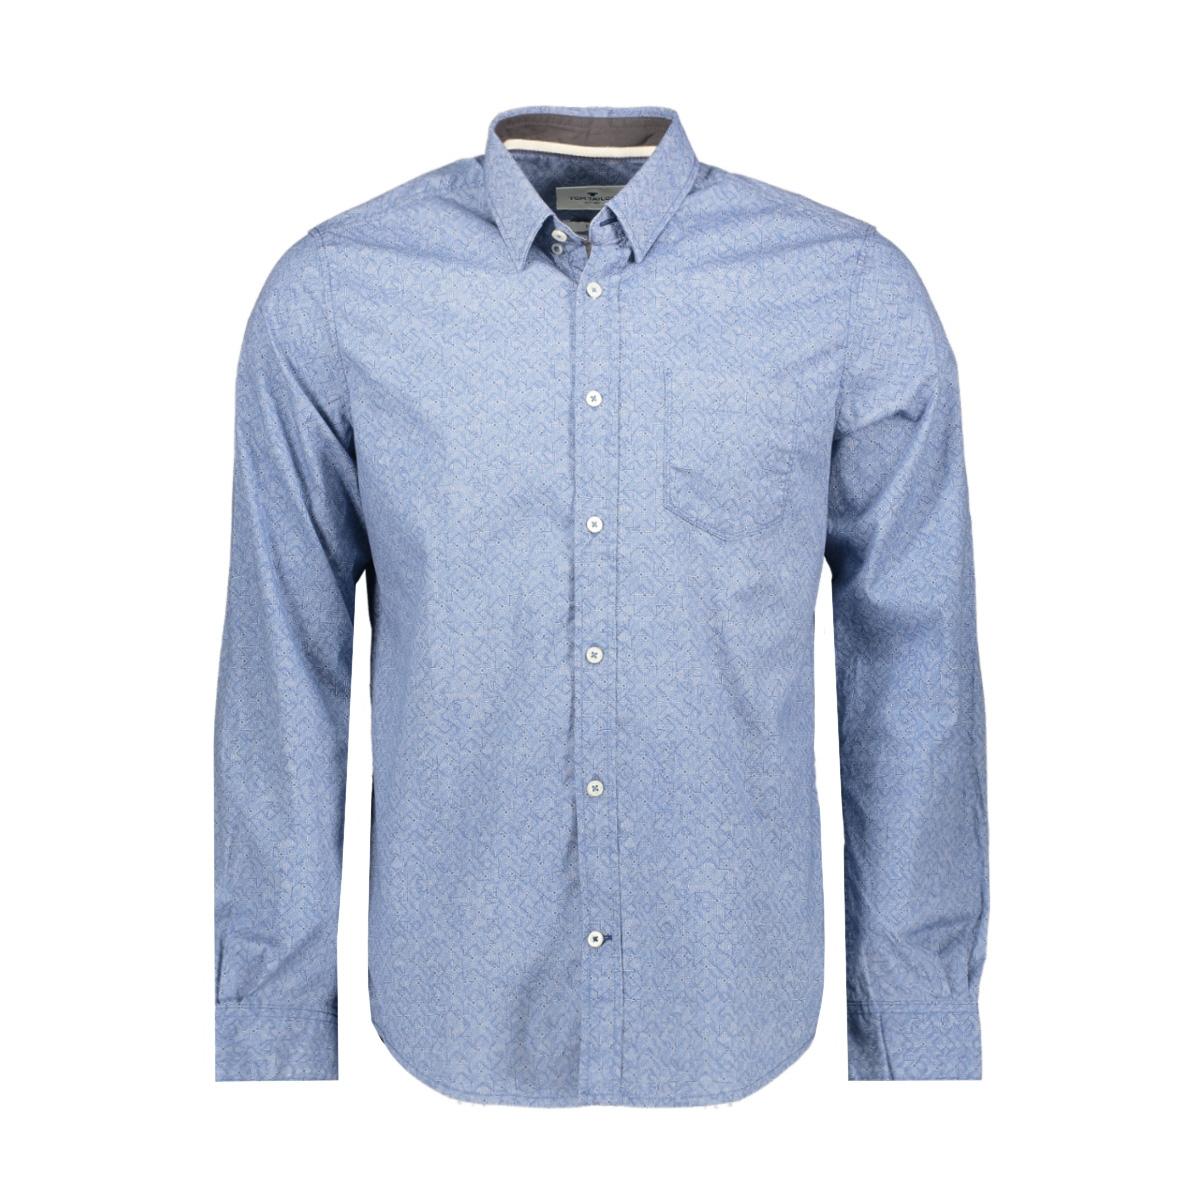 overhemd met all over print 1015314xx10 tom tailor overhemd 20749